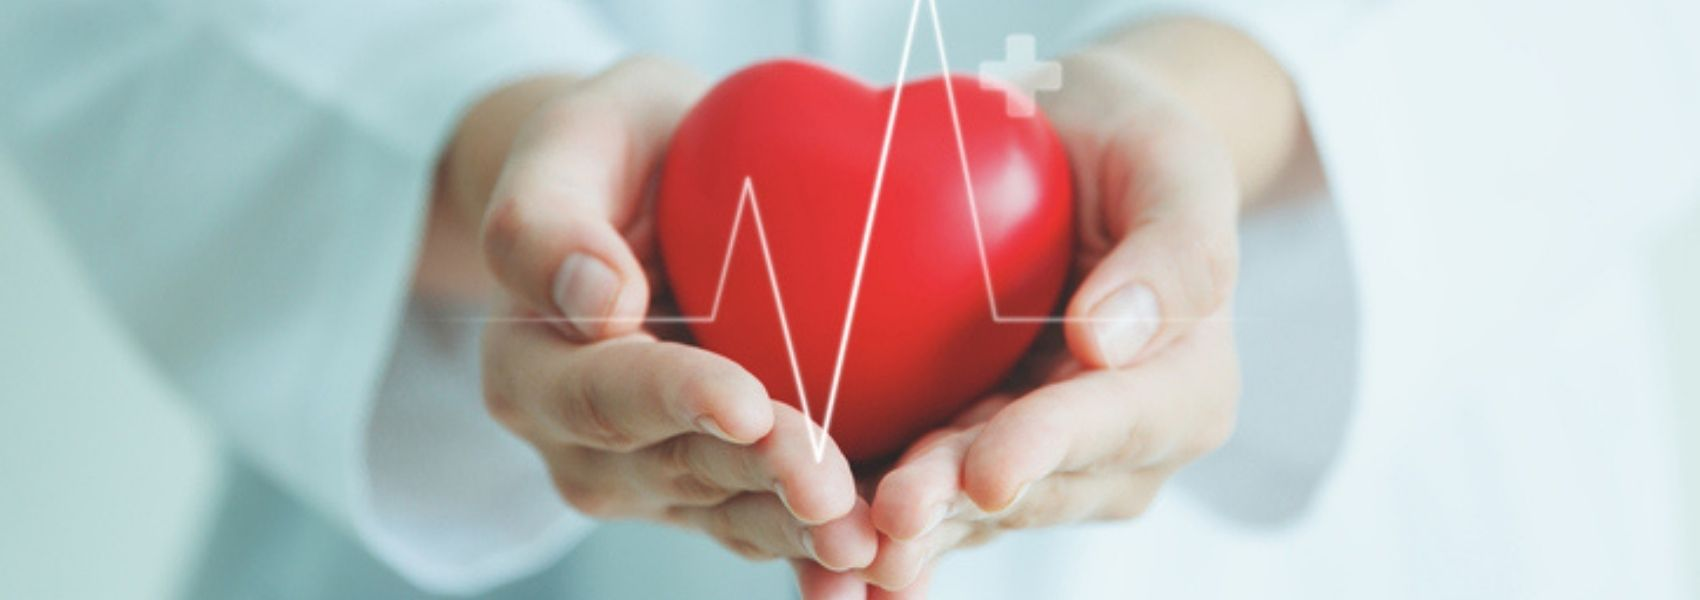 Mulheres de meia-idade devem verificar a pressão arterial para evitar enfartes